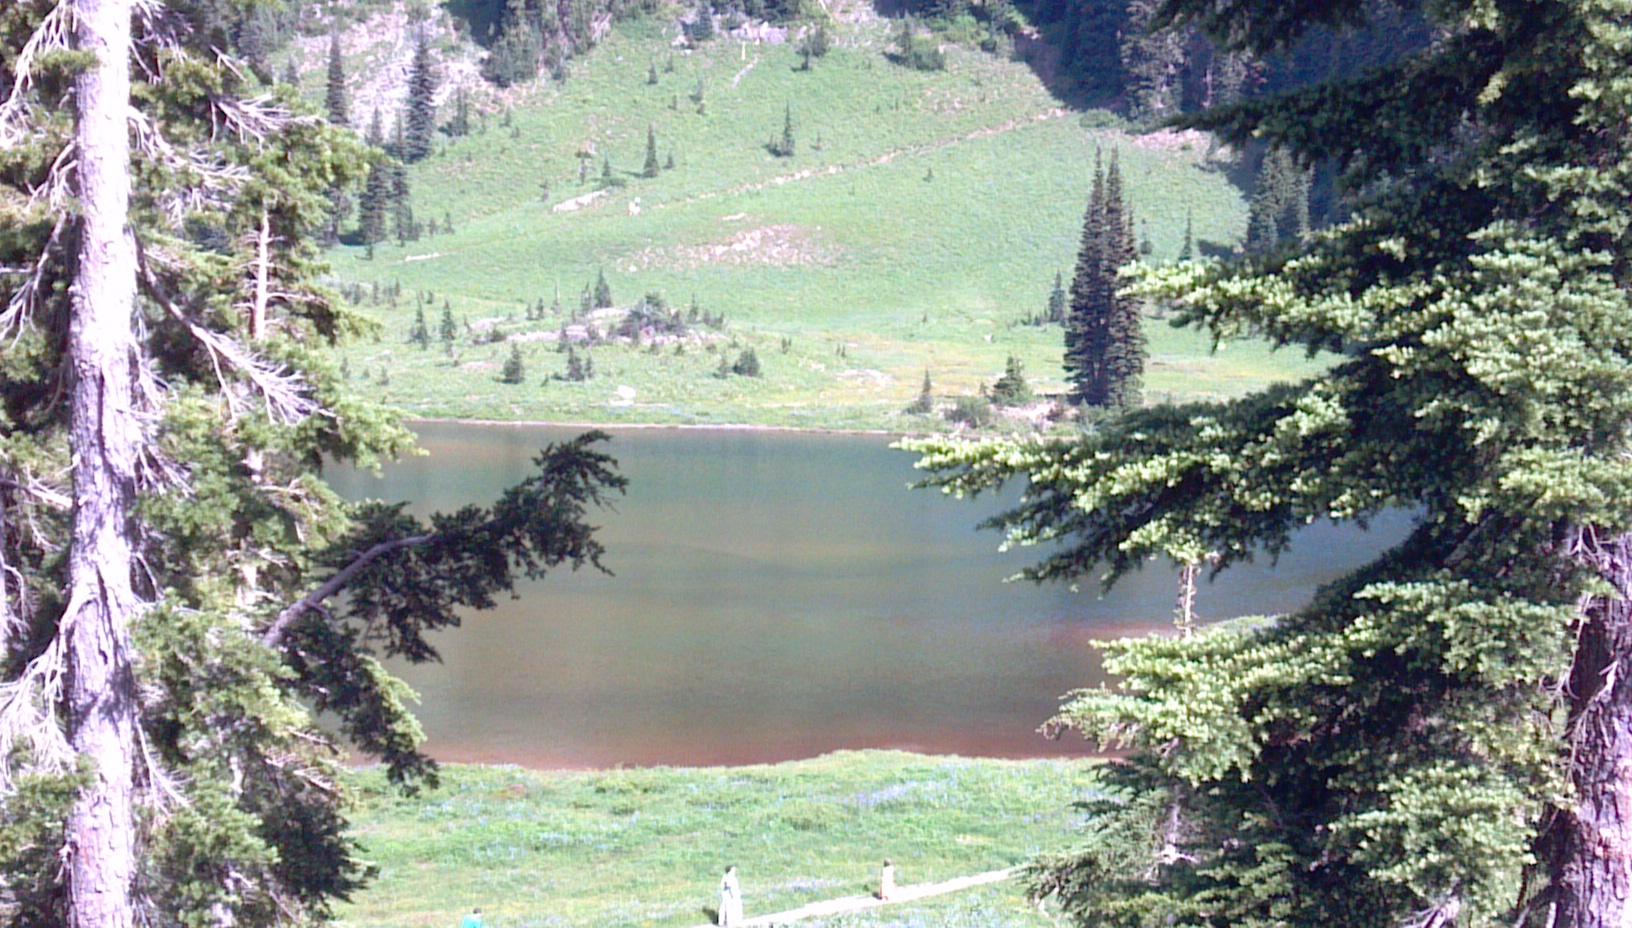 Tipsoo Lake on Chinook Pass, Washington